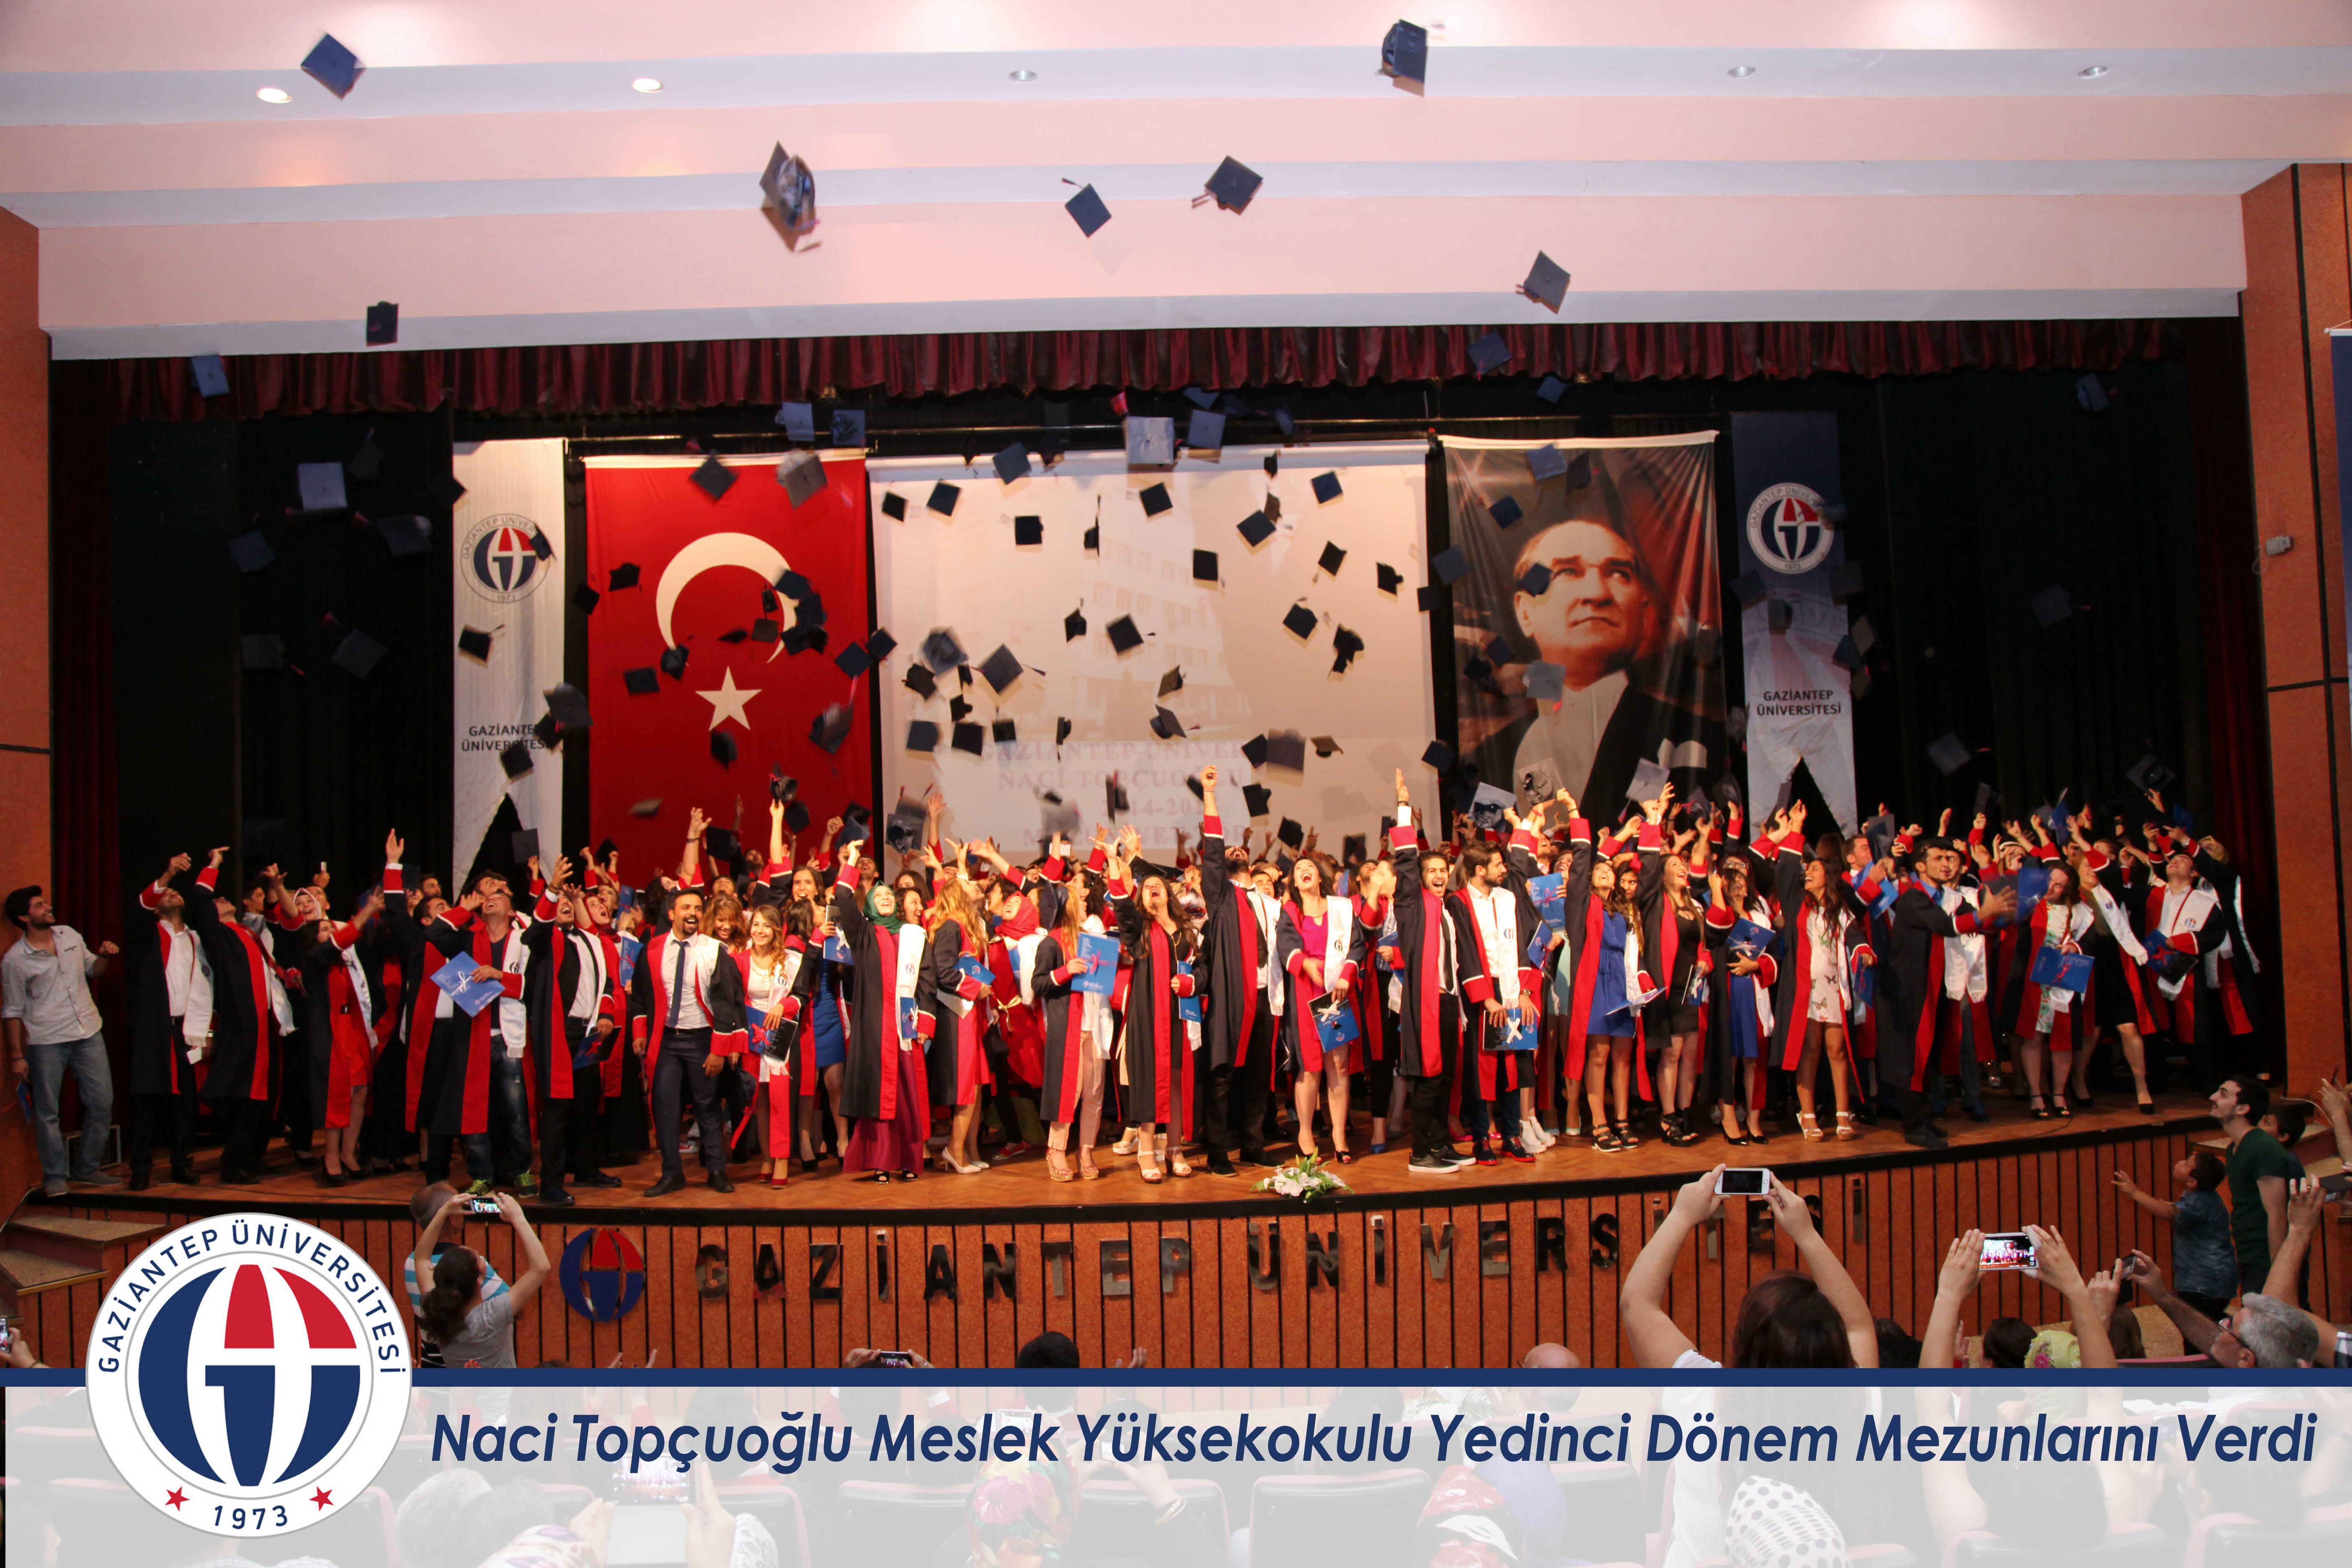 Naci Topçuoğlu Meslek Yüksekokulu Yedinci Dönem Mezunlarını Verdi_